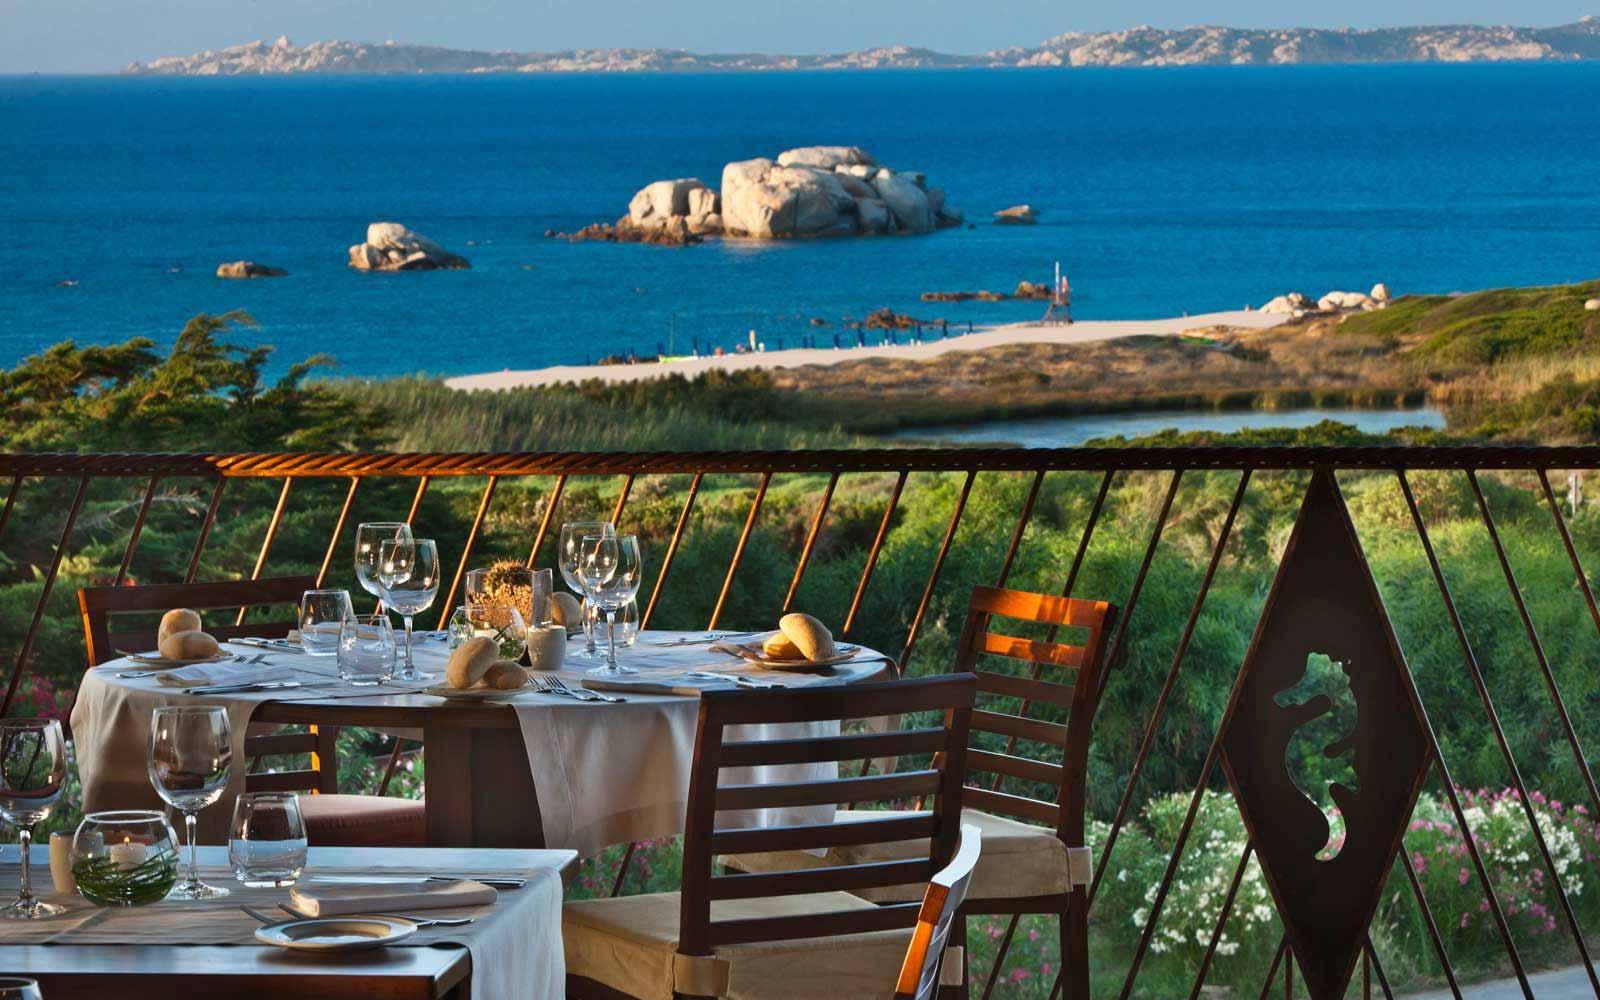 Les Bouches Restaurant at Hotel Valle Dell'Erica - La Licciola